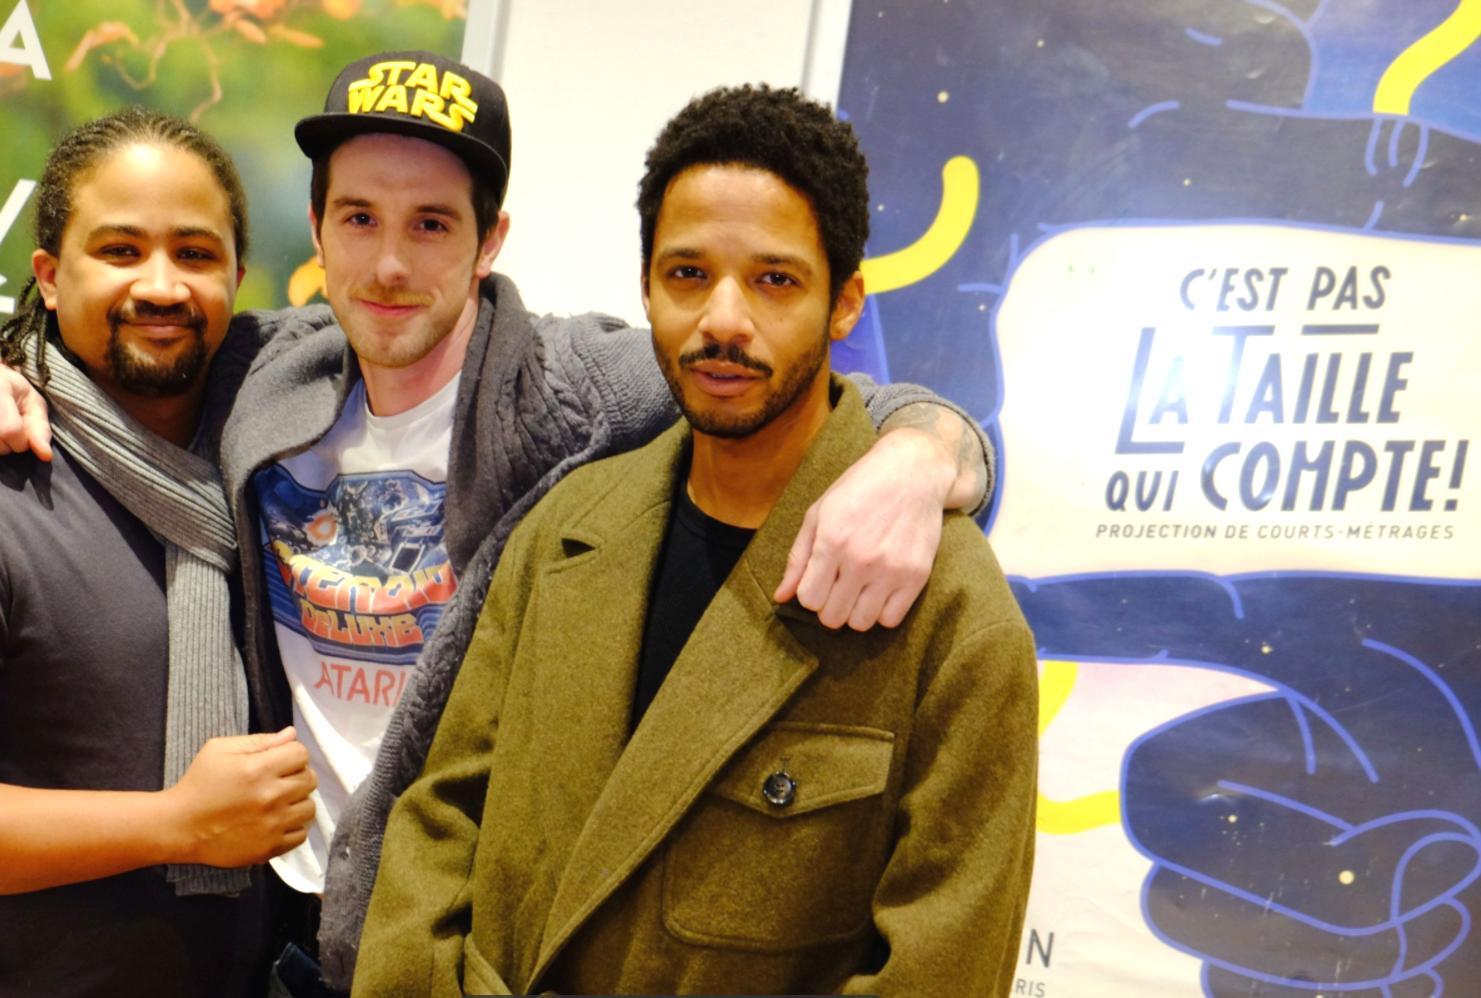 L'équipe AMERICAN DREAM  de NICOLAS POLIXENE & SYLVAIN LOUBET produit par CAVIAR avec Jean-Luc Joseph, Vincent Vermignon .